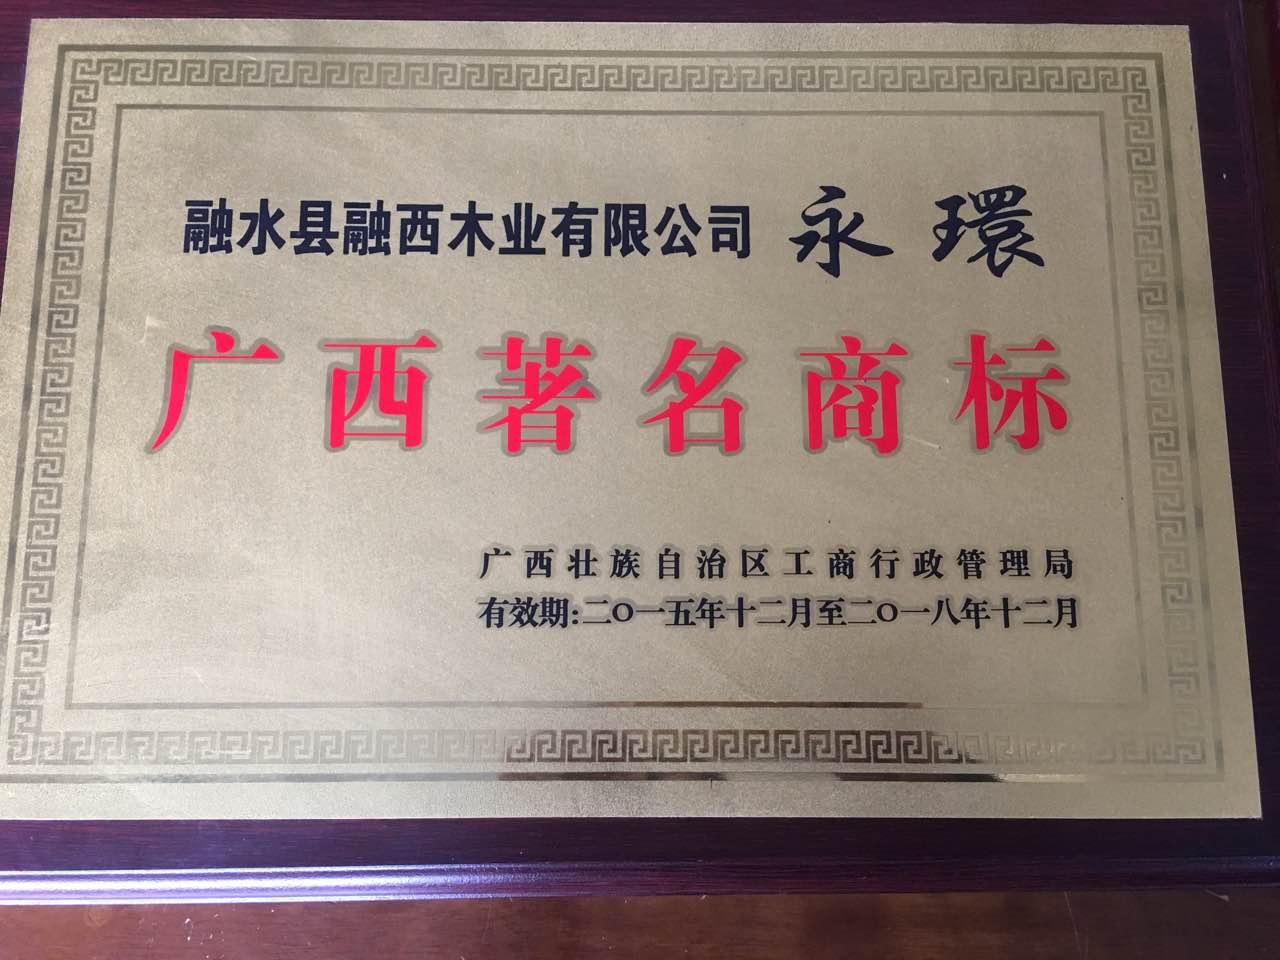 永環牌生态板 广西著名商标